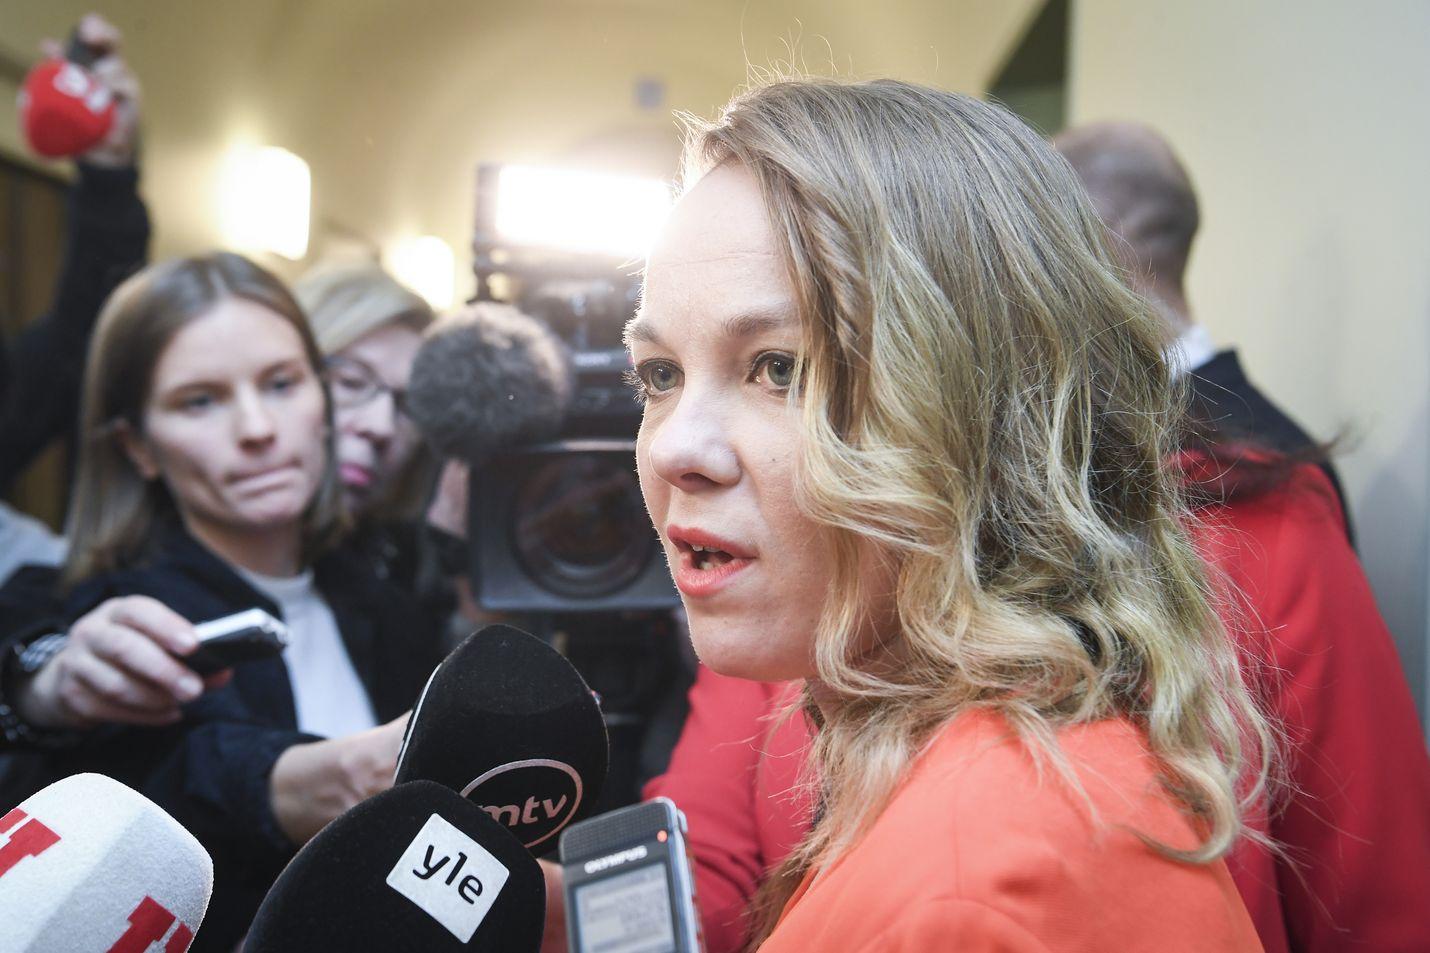 Keskusta lähtee mukaan uuteen hallitukseen. Puheenjohtaja Katri Kulmunin mukaan edellytykset jatkaa hallitusyhteistyötä Antti Rinteen johdolla hävisivät.